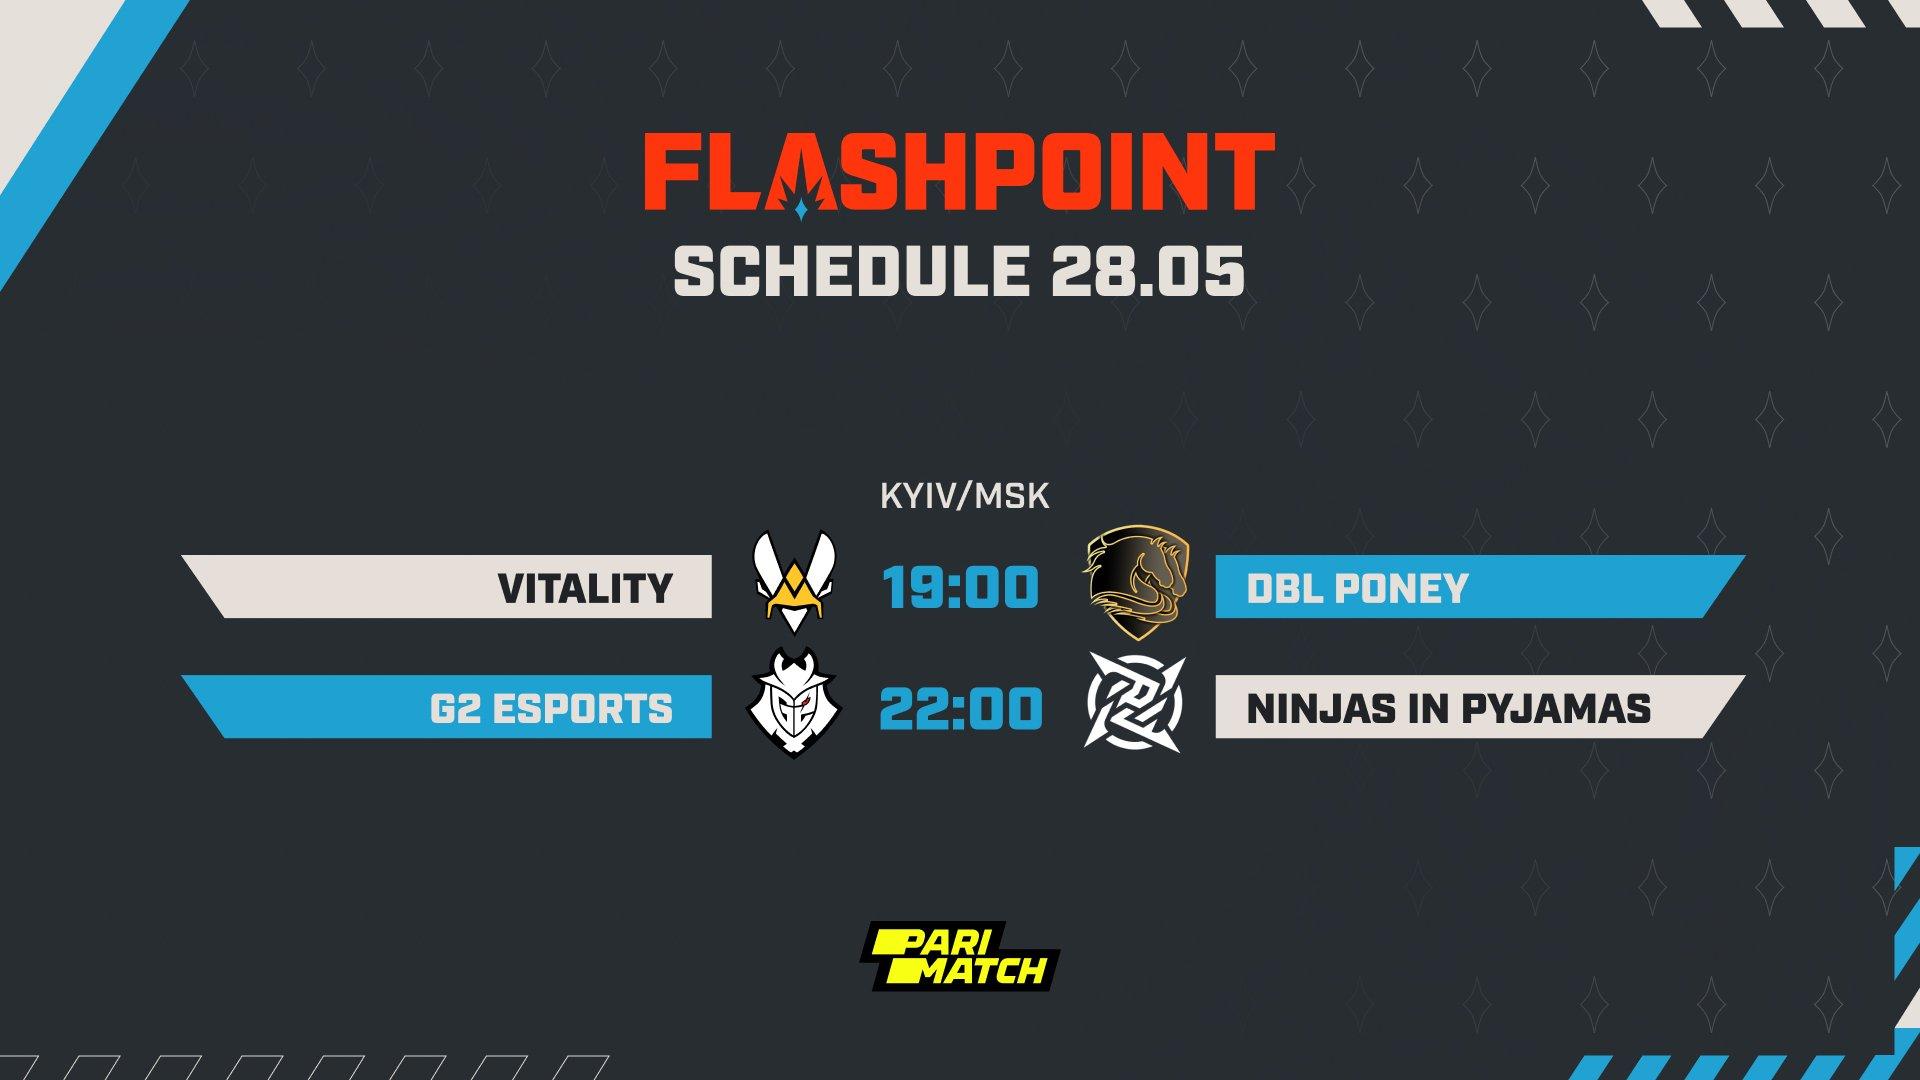 Flashpoint 3 week 3 day 4 schedule